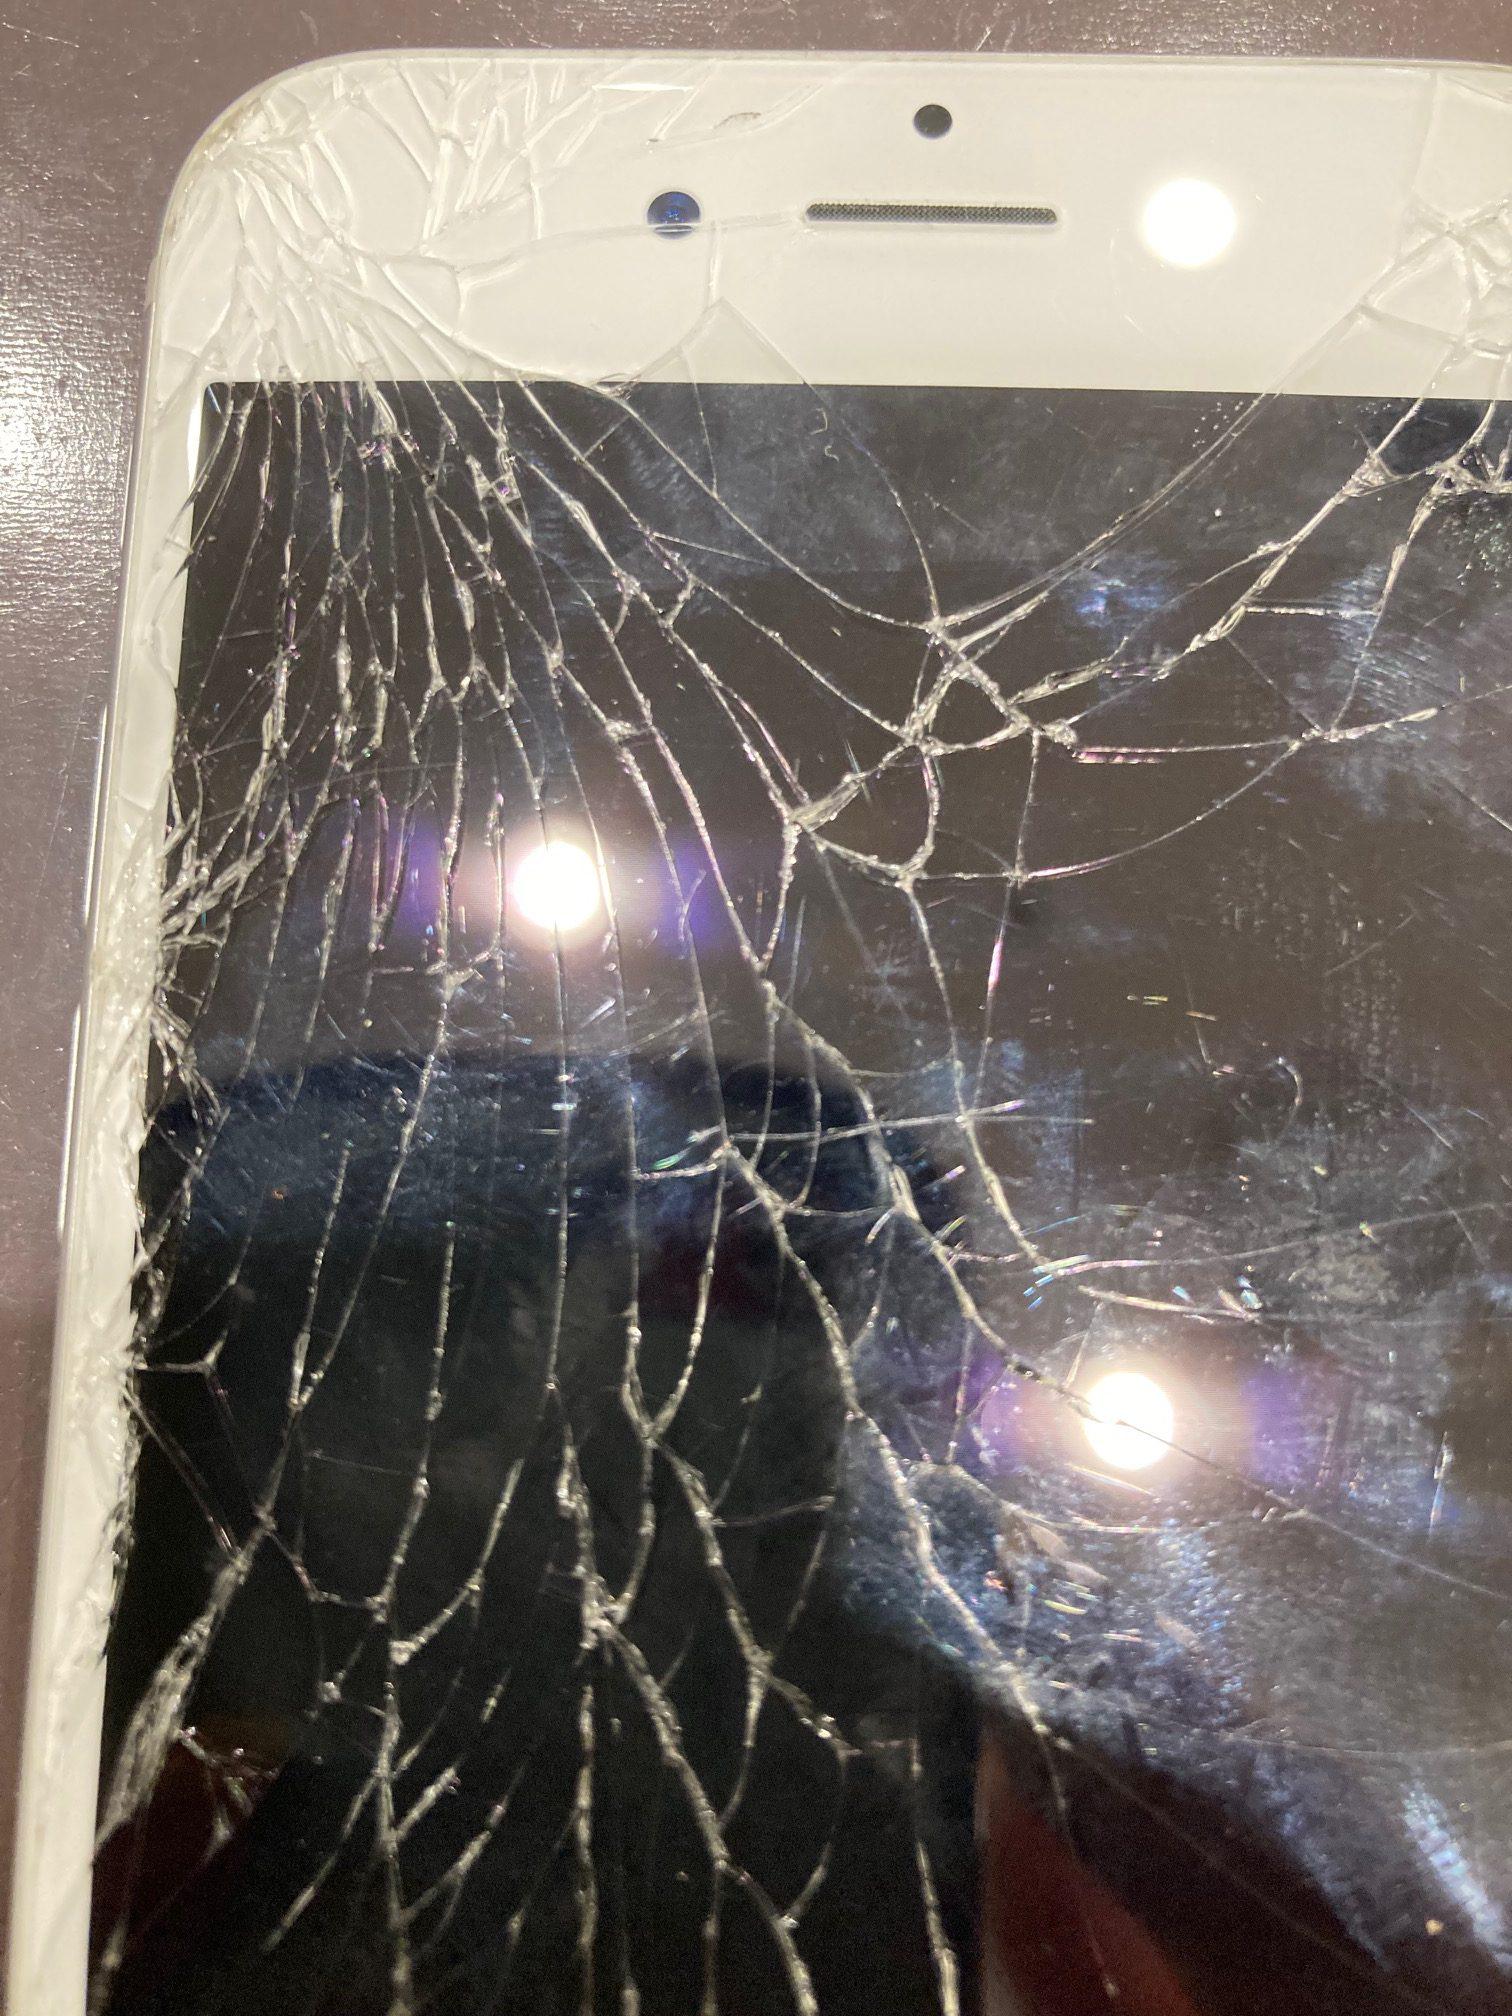 神戸でiPhone修理をするなら、スマートクール神戸ハーバーランドumie店!最短30分、即日修理、データそのままお返しいたします♪